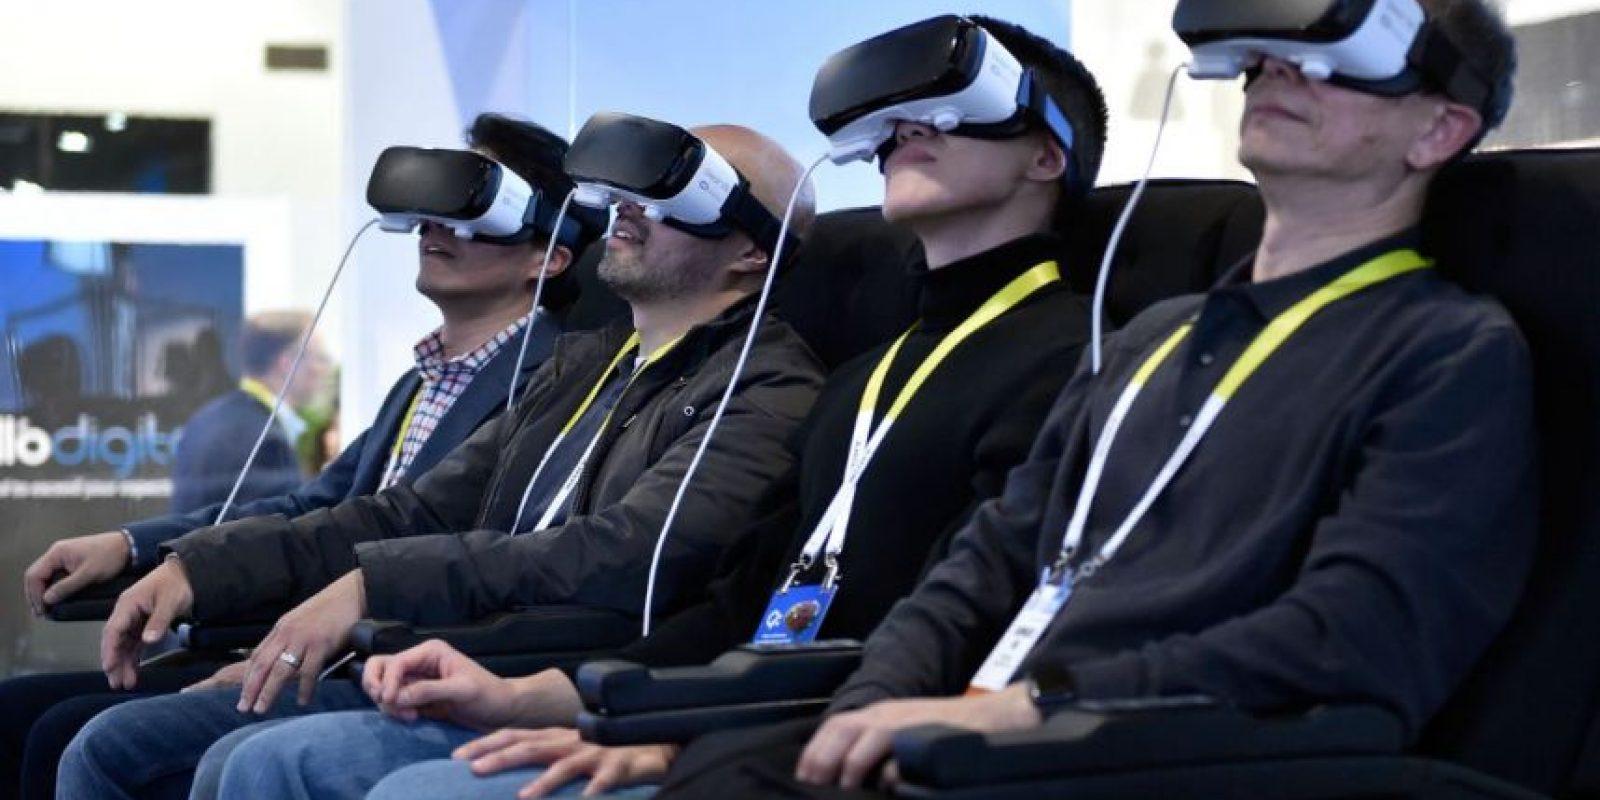 Pueden jugar videojuegos con ellos. Foto:Getty Images